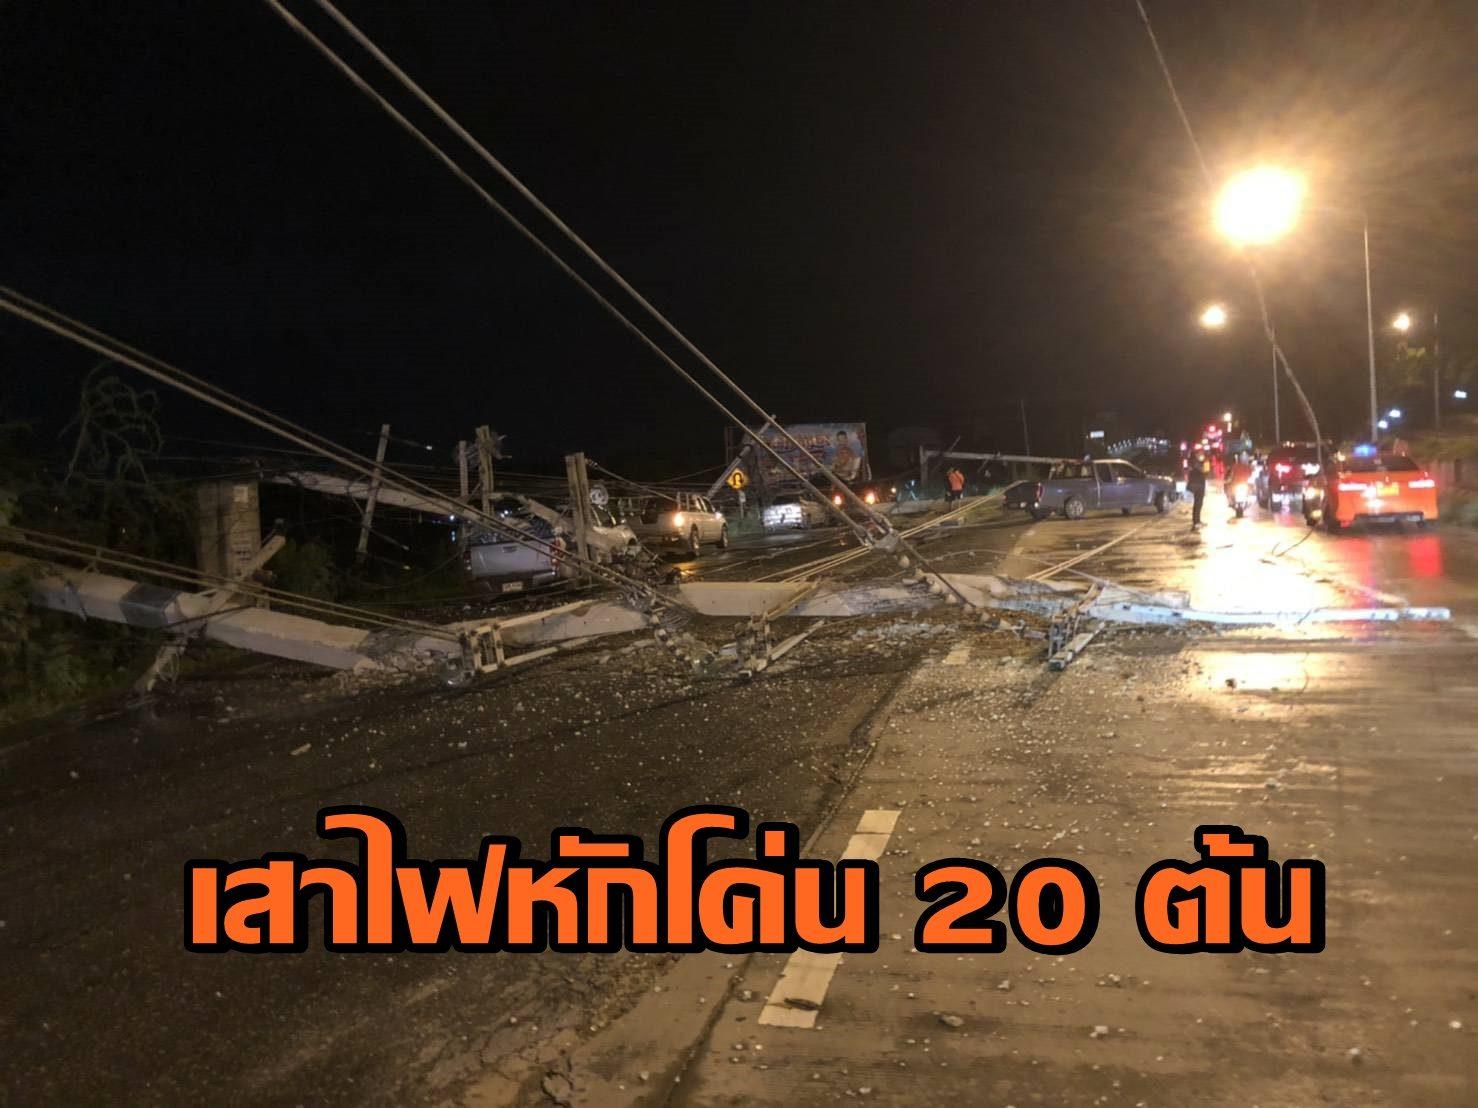 พายุฝนกระหน่ำปทุมธานี พัดเสาไฟฟ้าหักโค่น 20 ต้น ล้มทับรถชาวบ้านเสียหาย 5 คัน